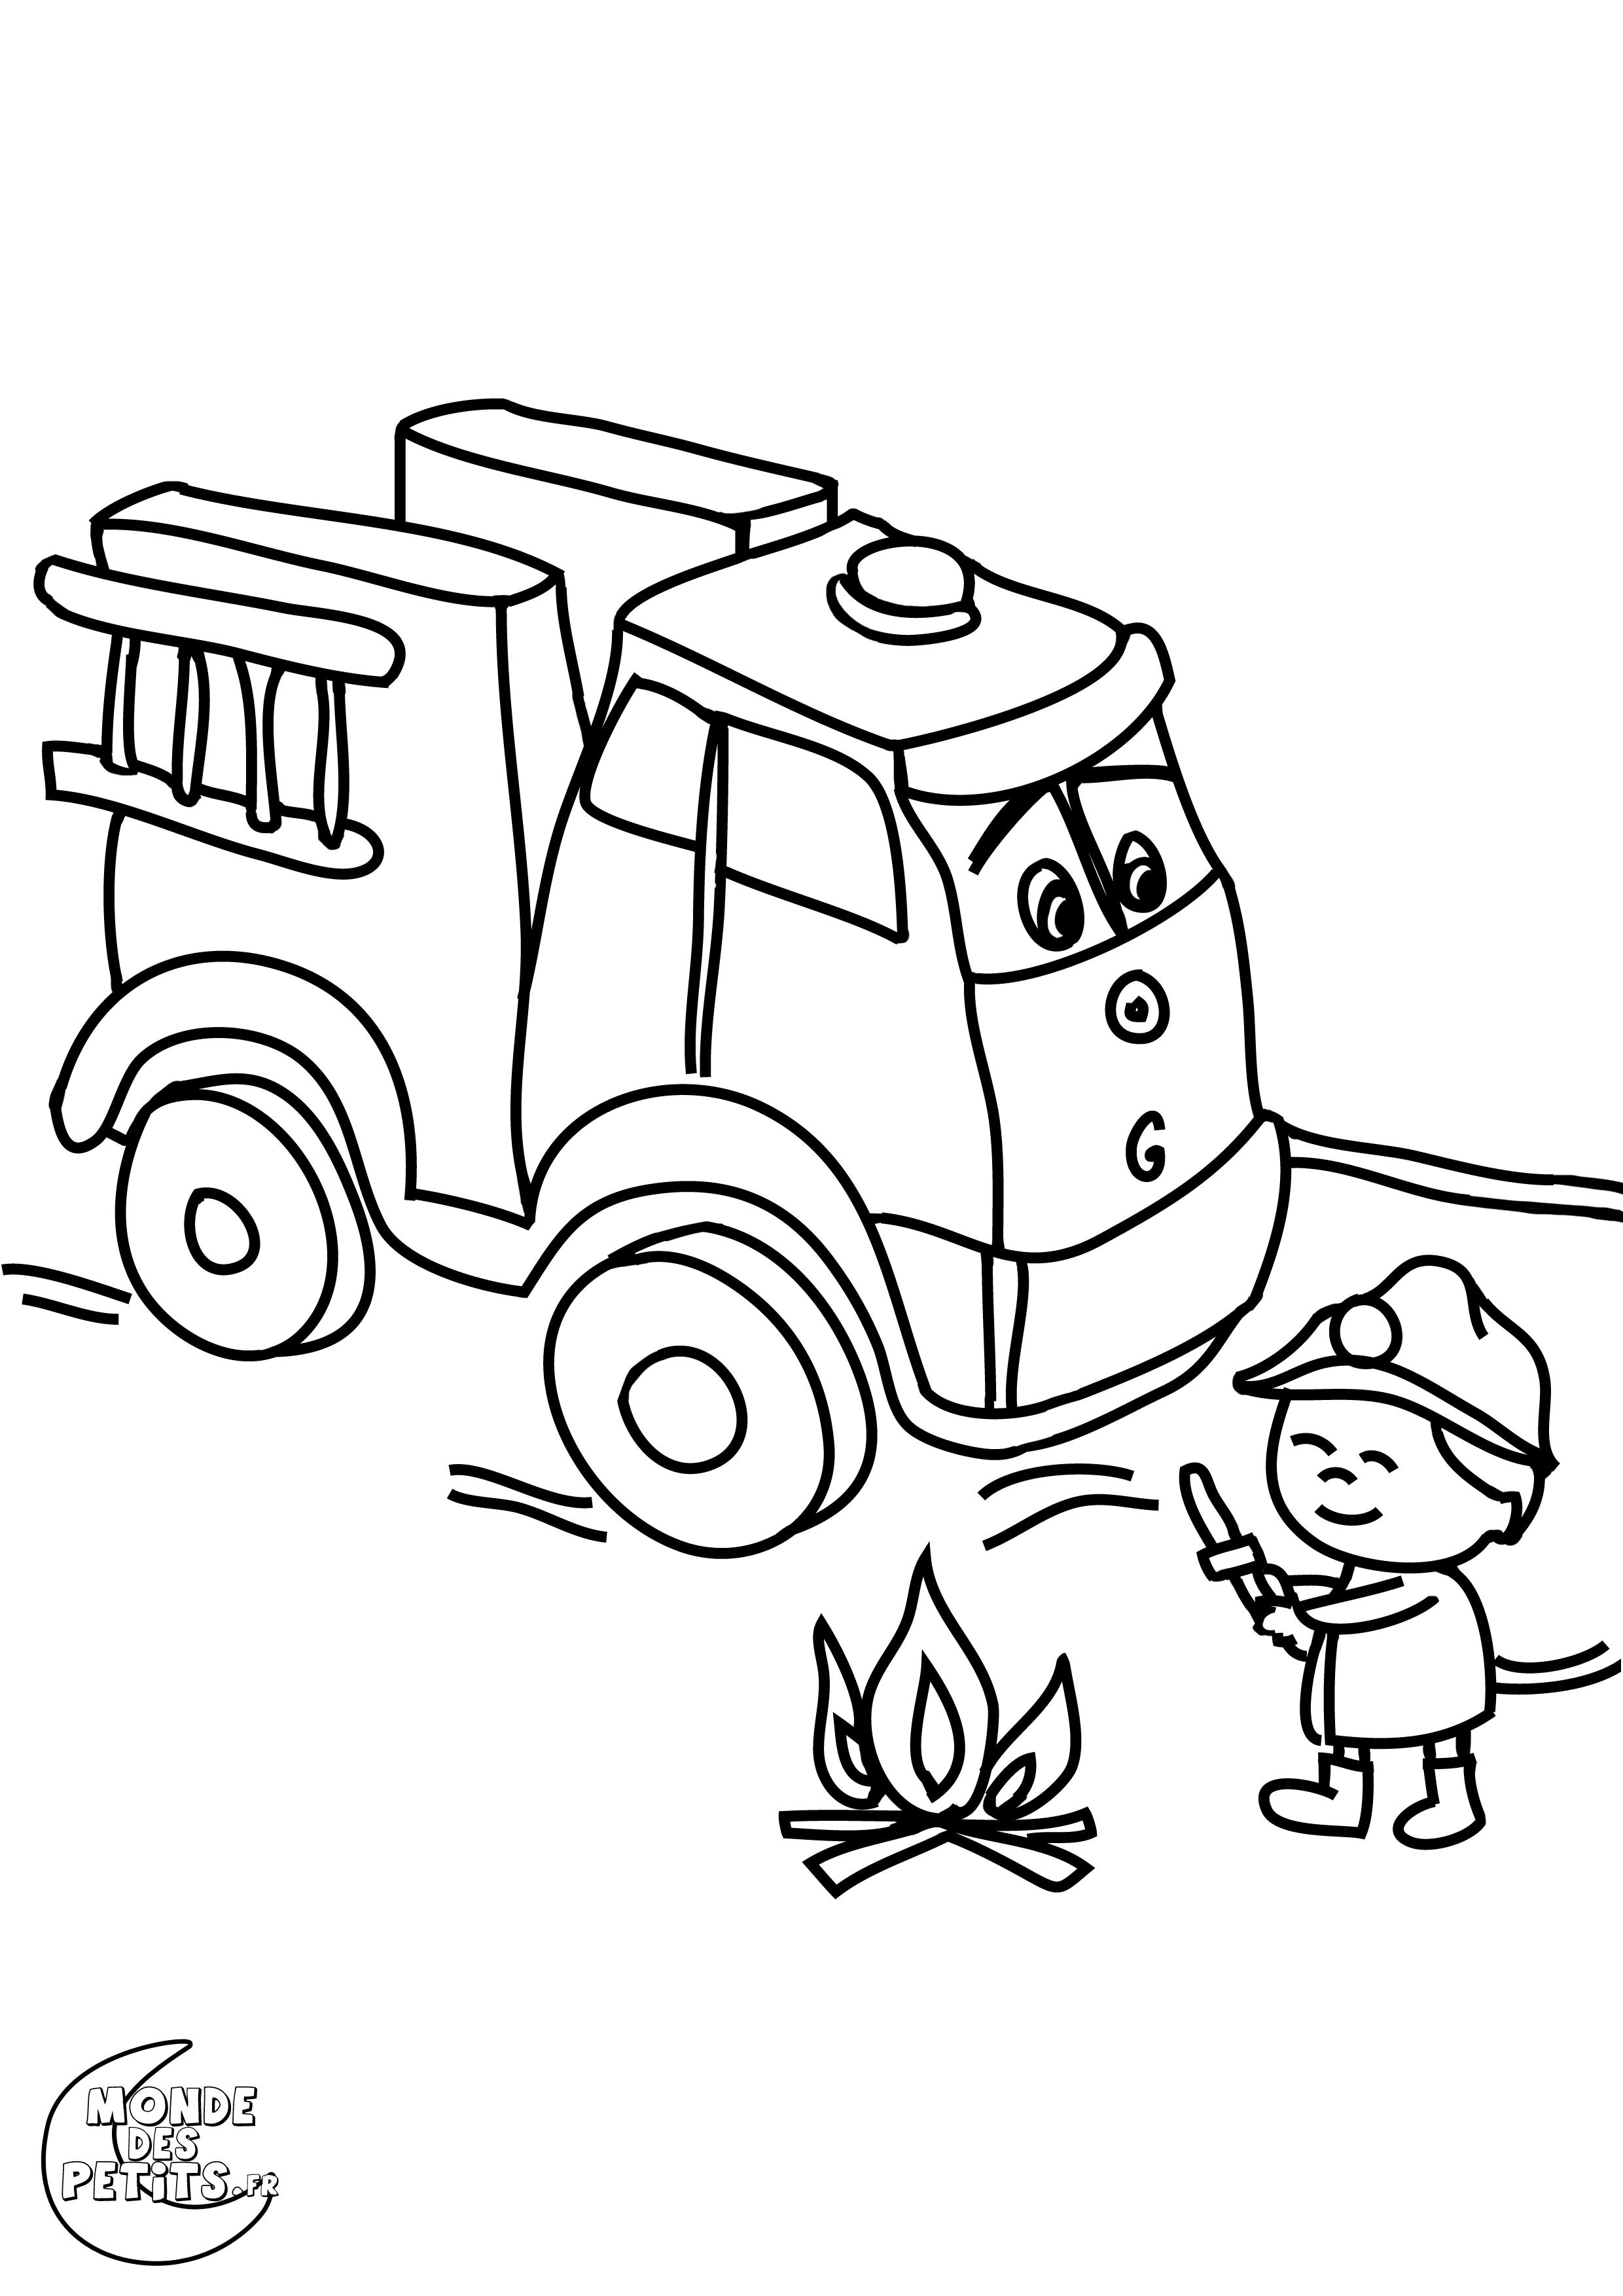 Monde des petits coloriages imprimer - Coloriages pompiers ...